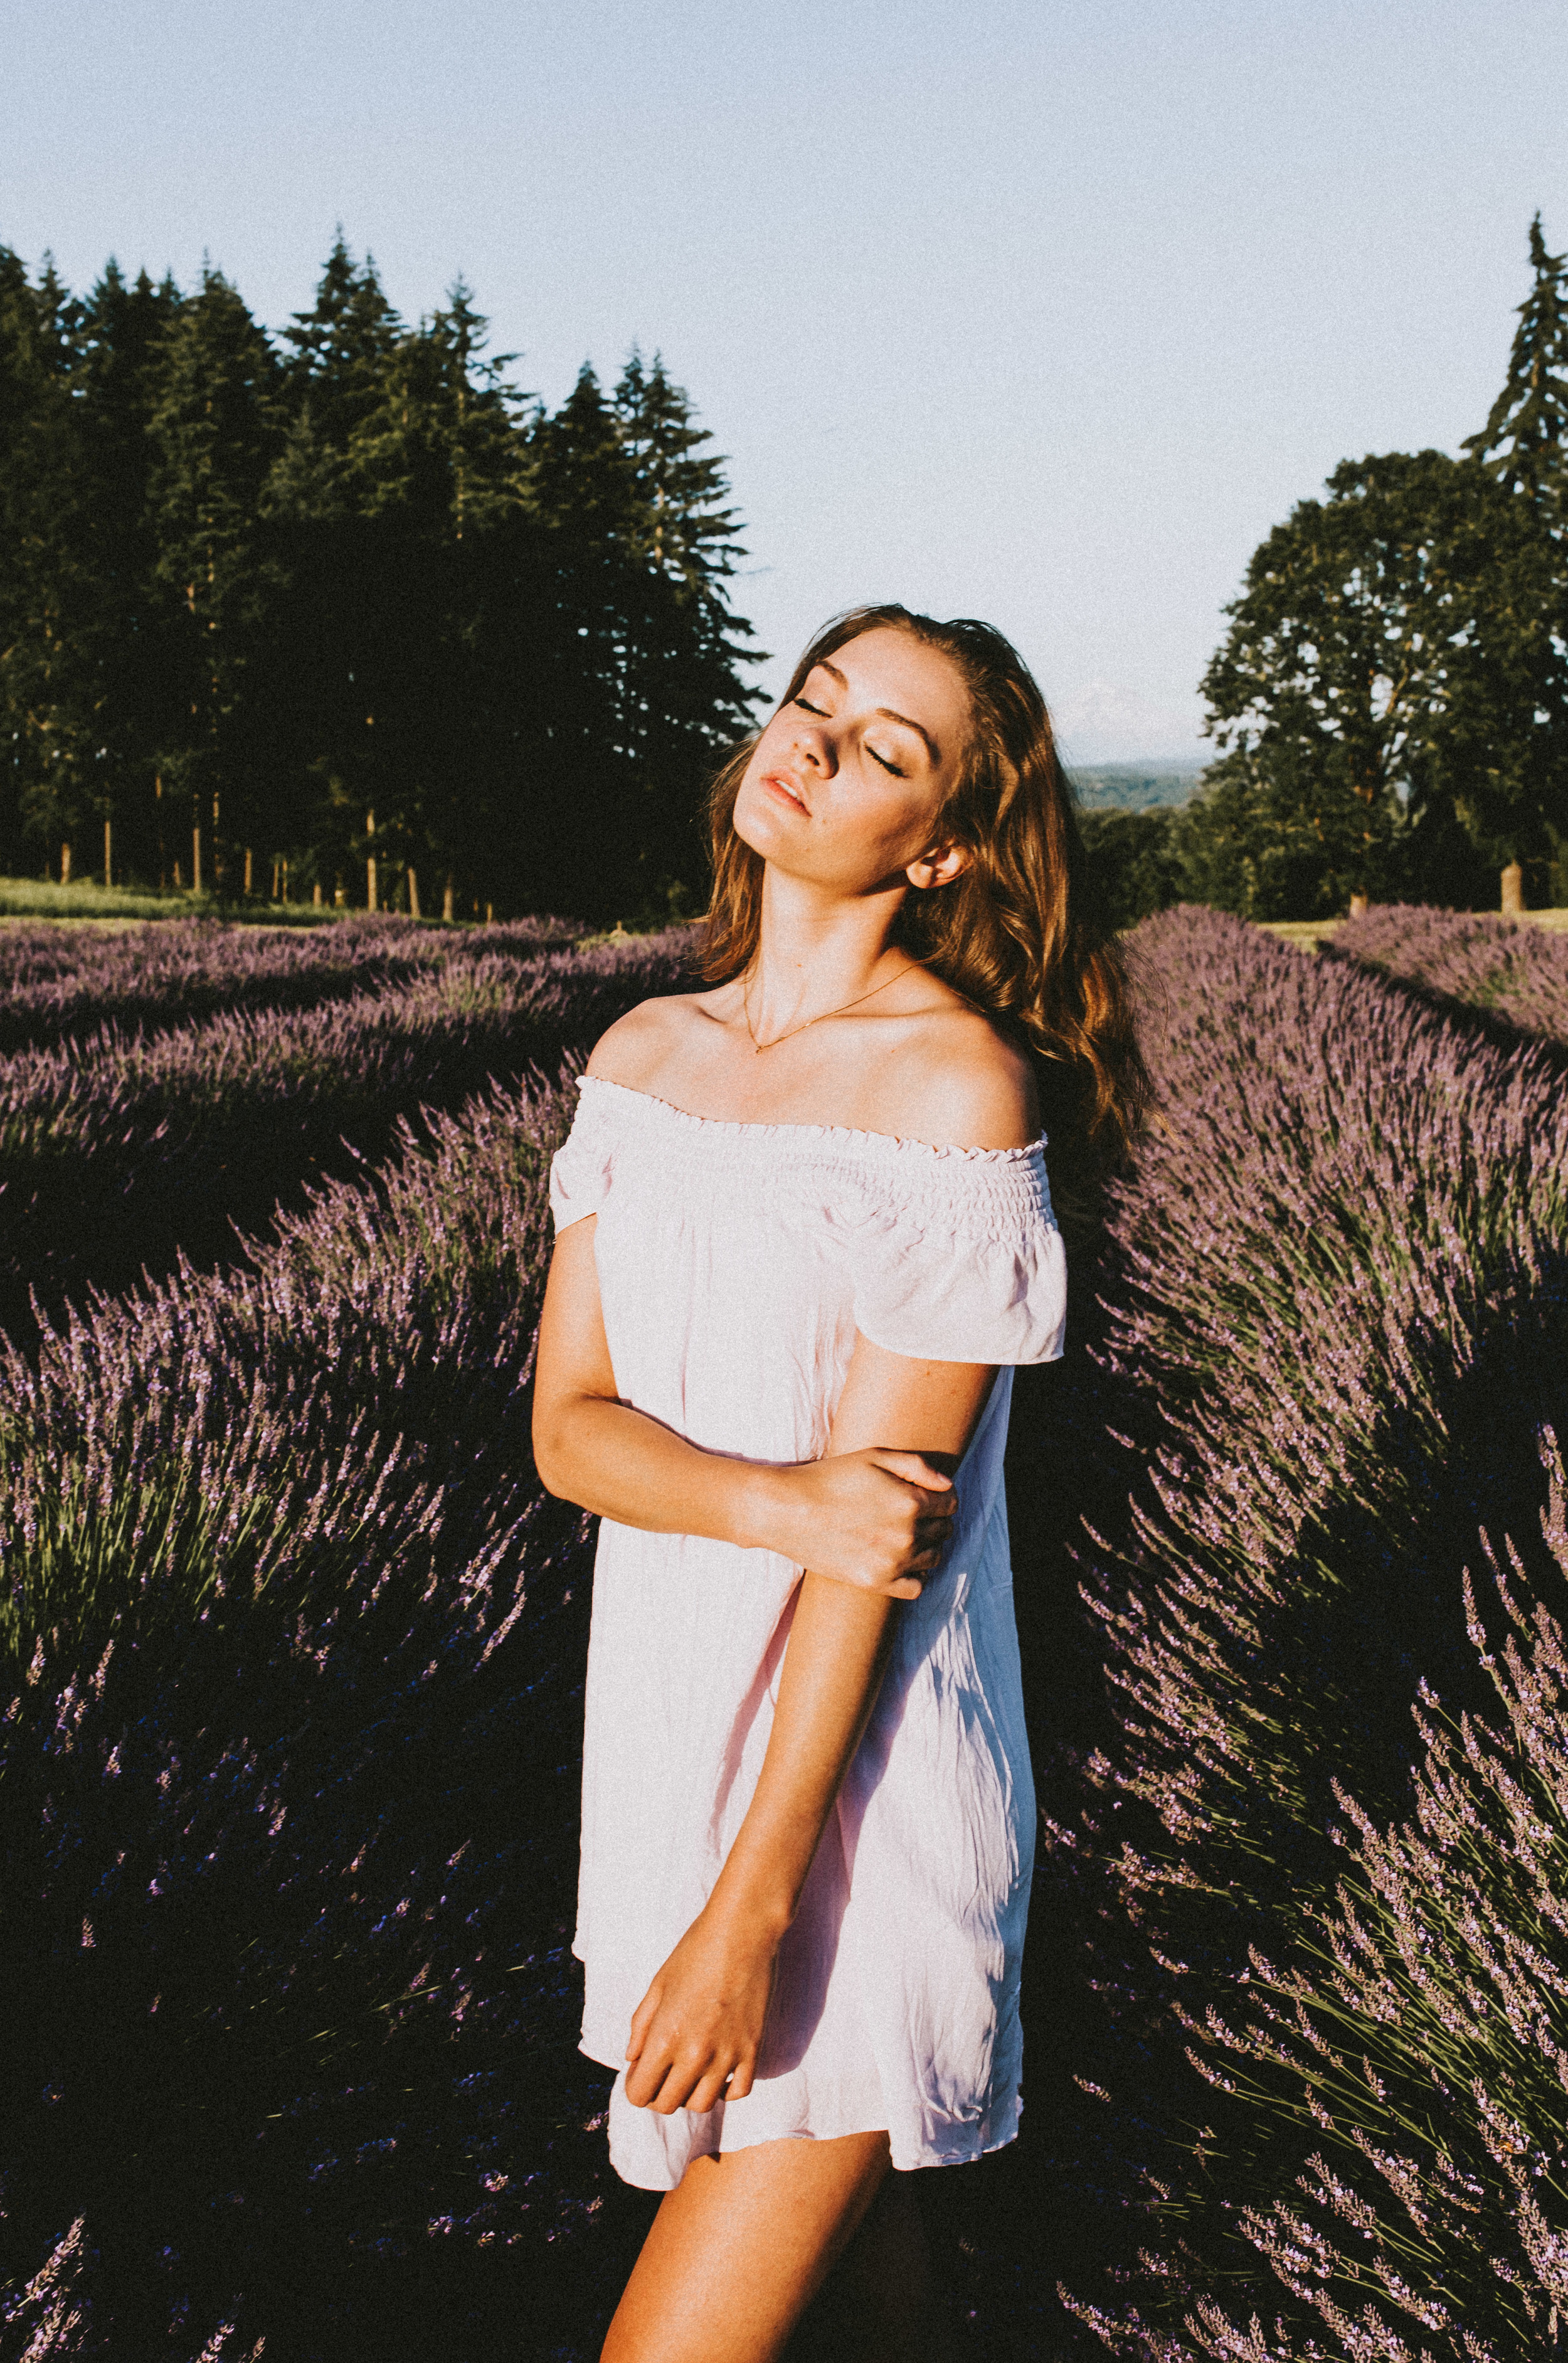 samlandreth-lavender-13.jpg